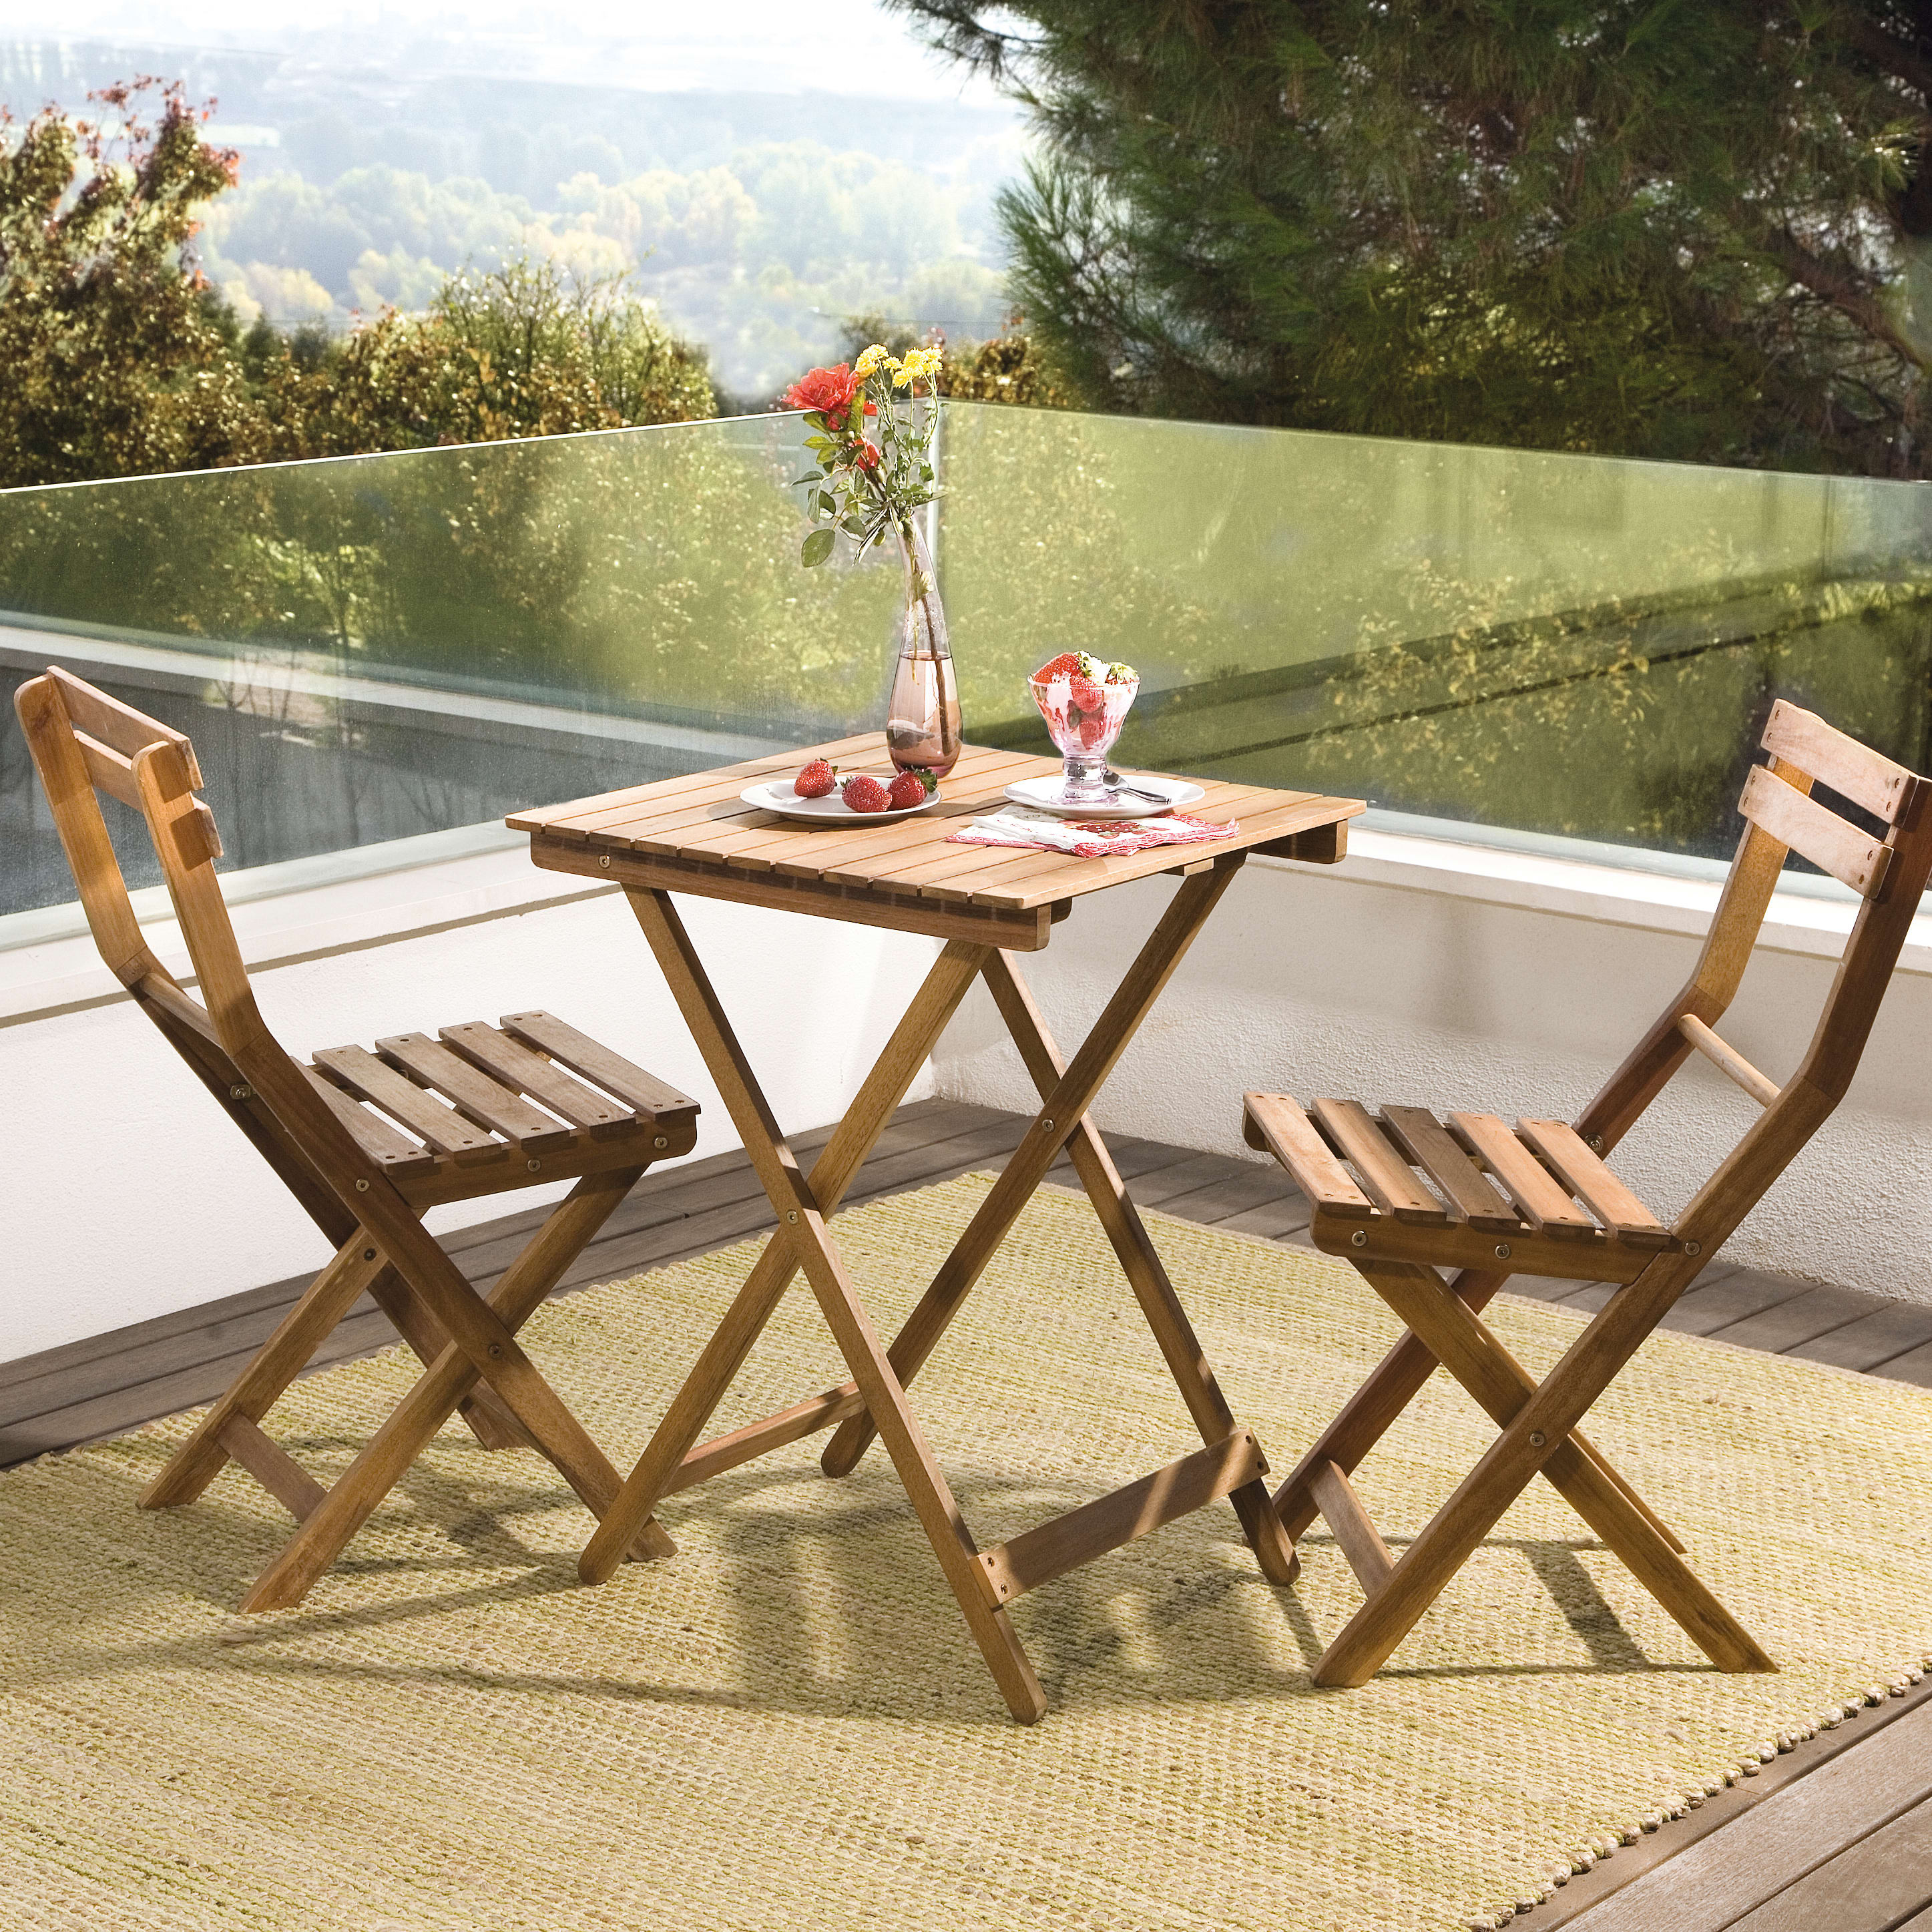 Leroy Merlin Mobili Da Balcone set tavolo e sedie naterial porto in acacia marrone 2 posti